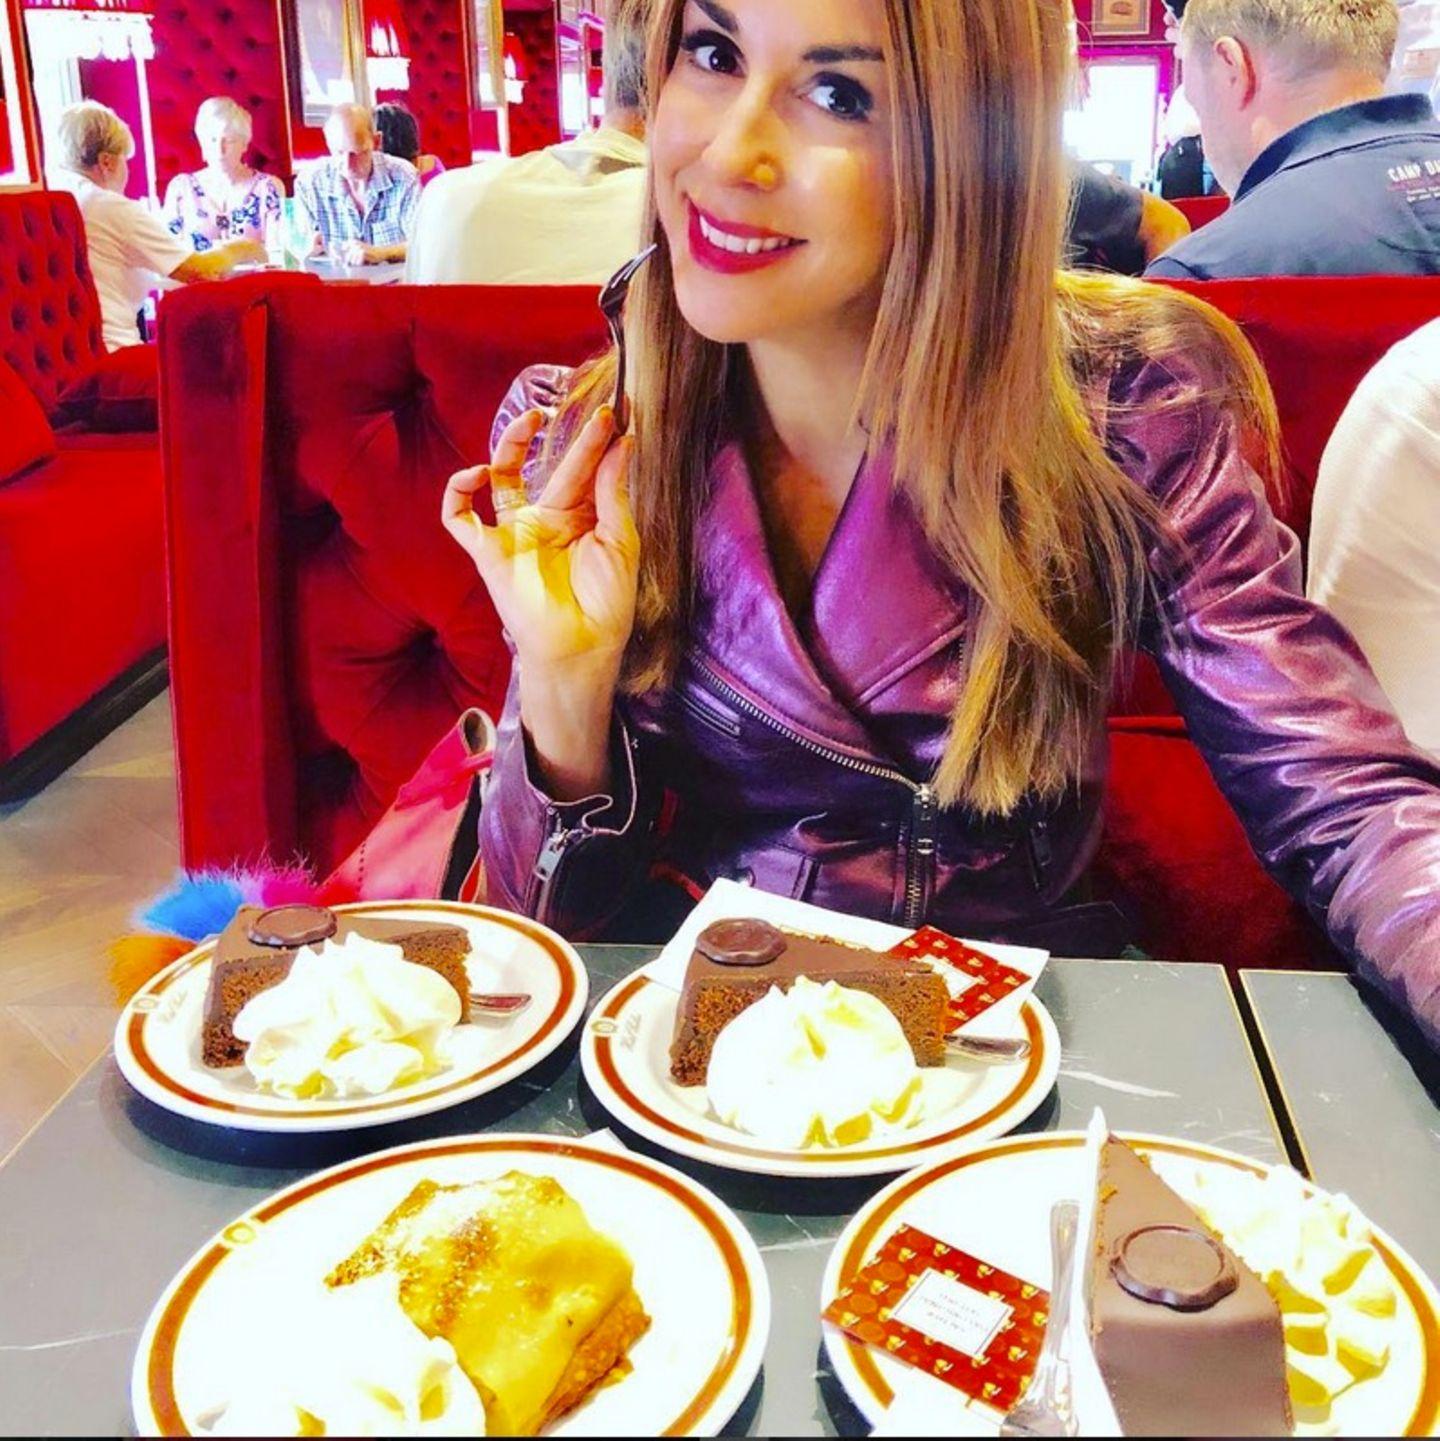 Der wichtigste Business-Termin des Tages ist für Judith Williams angebrochen: Sie besucht ein Cafe' in Wien. Aber gleich 4 Stückchen Torte, Judith?